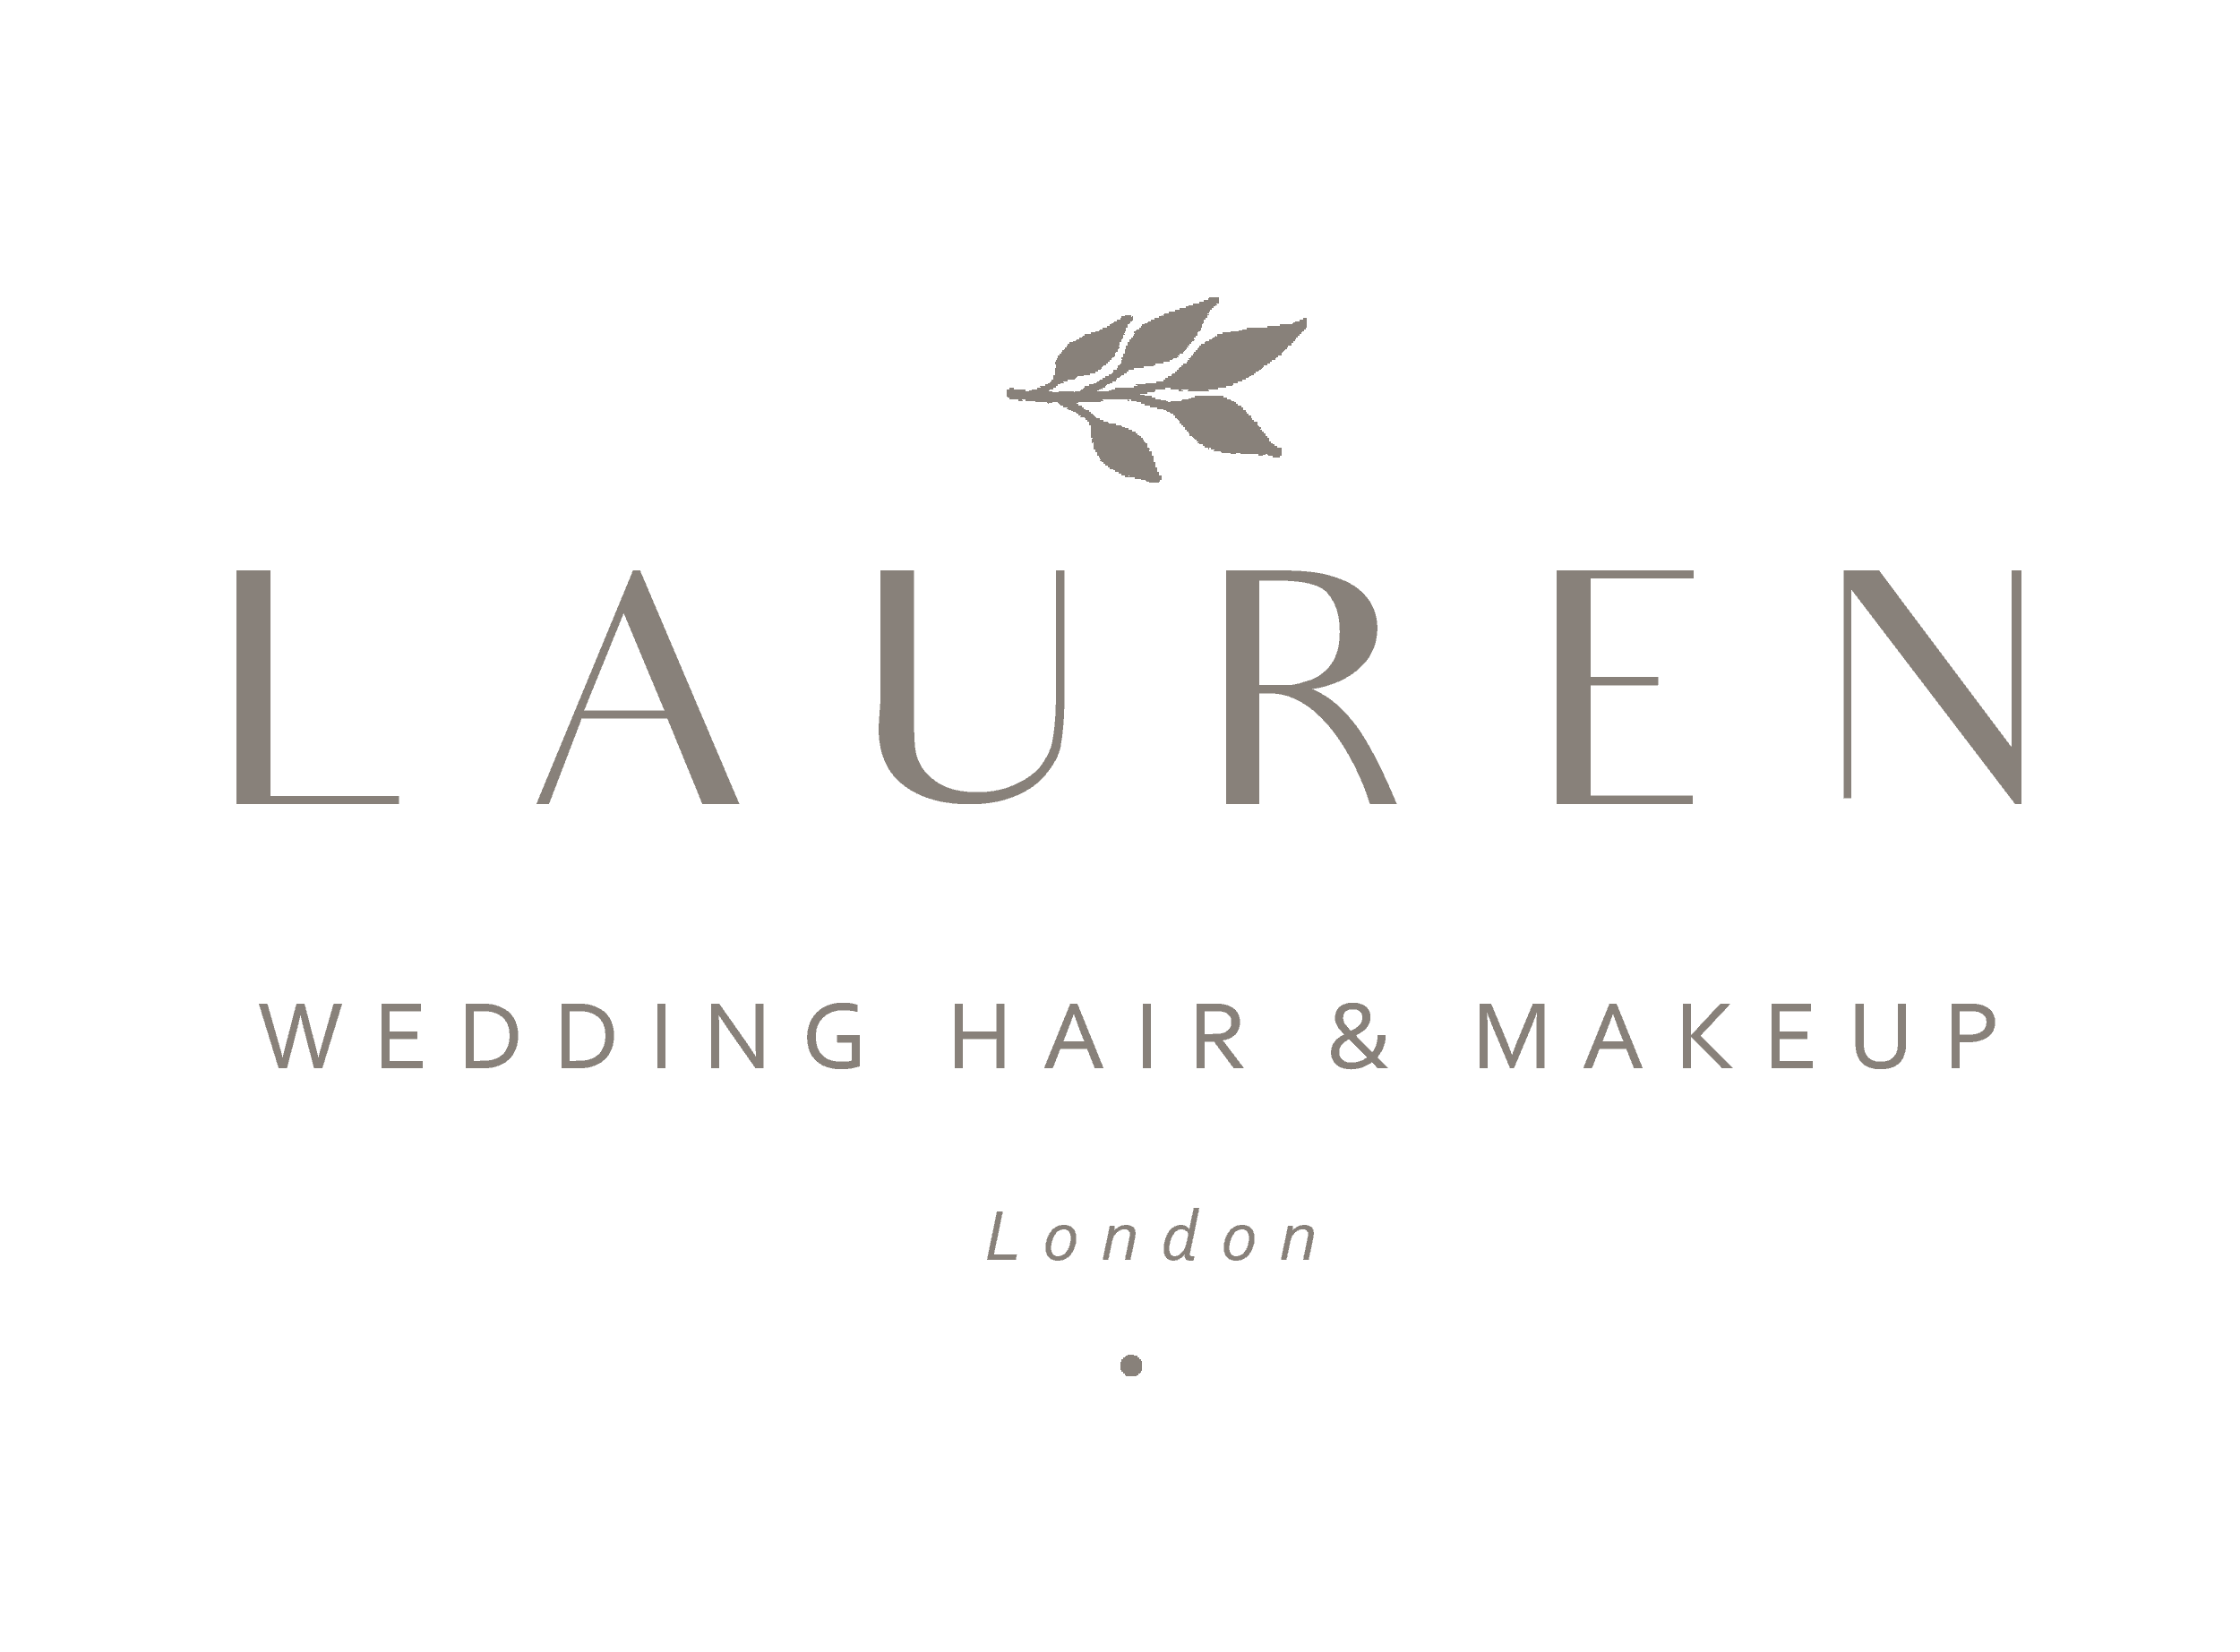 Wedding Hair & Makeup by Lauren